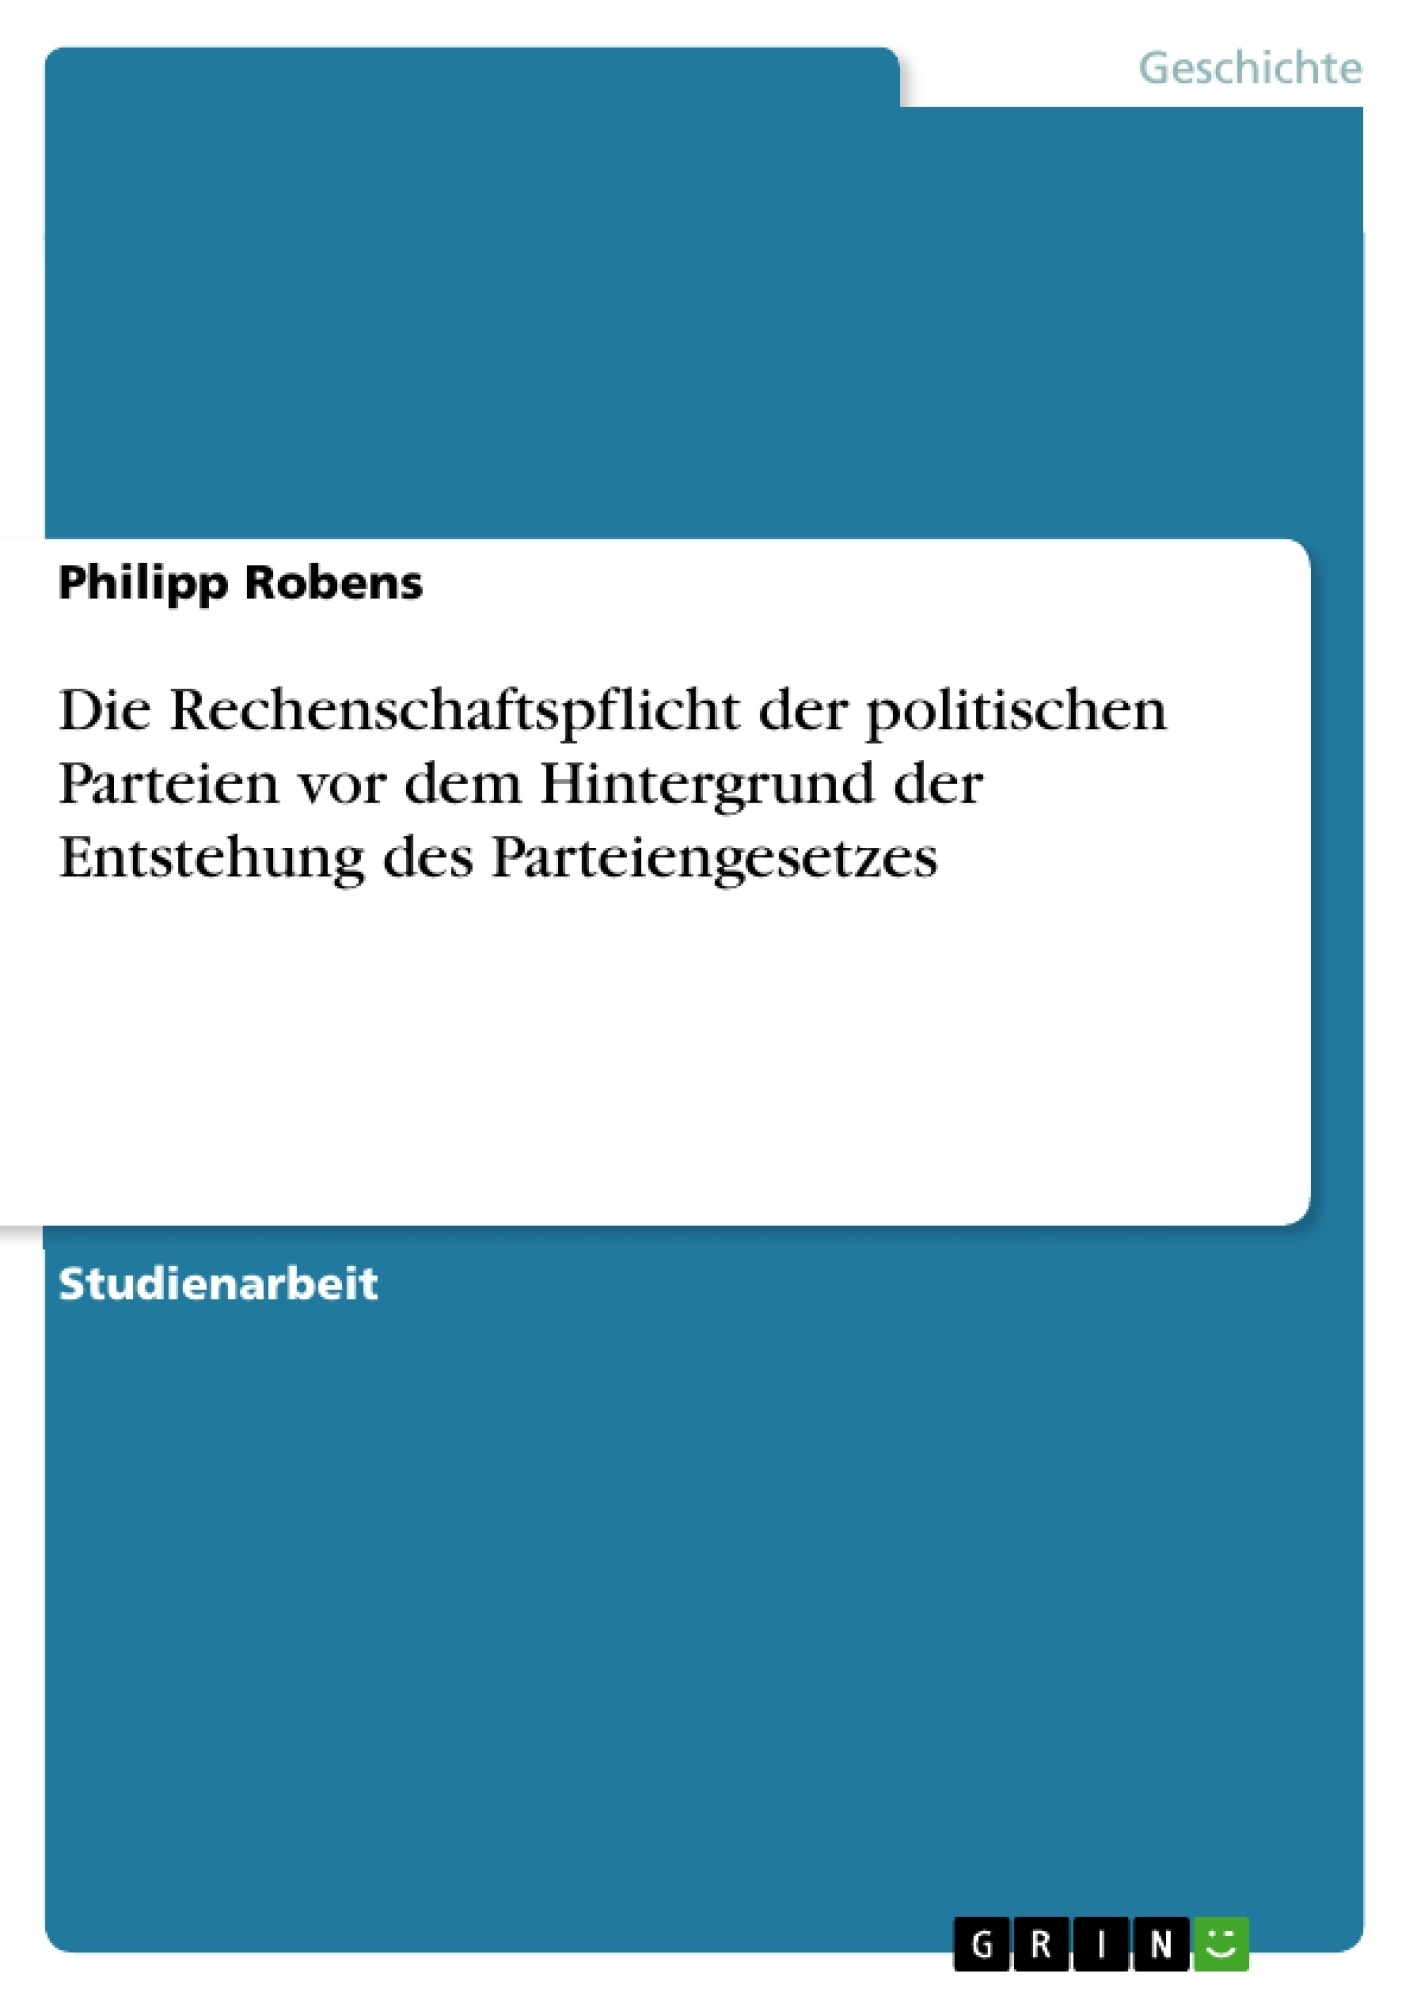 Titel: Die Rechenschaftspflicht der politischen Parteien vor dem Hintergrund der Entstehung des Parteiengesetzes